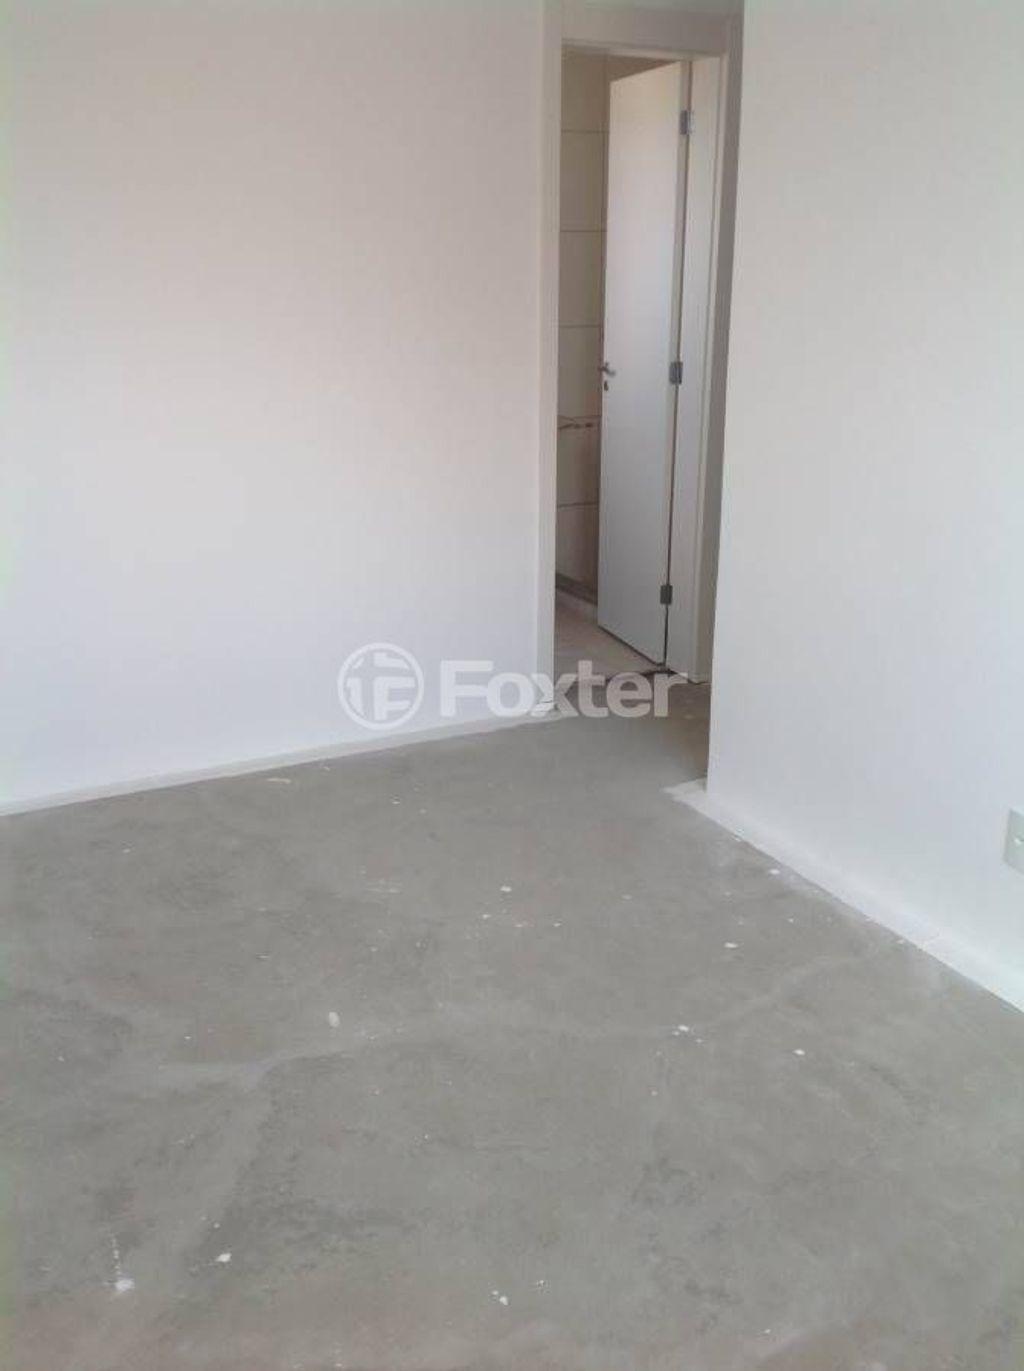 Foxter Imobiliária - Apto 3 Dorm, Vila Ipiranga - Foto 36